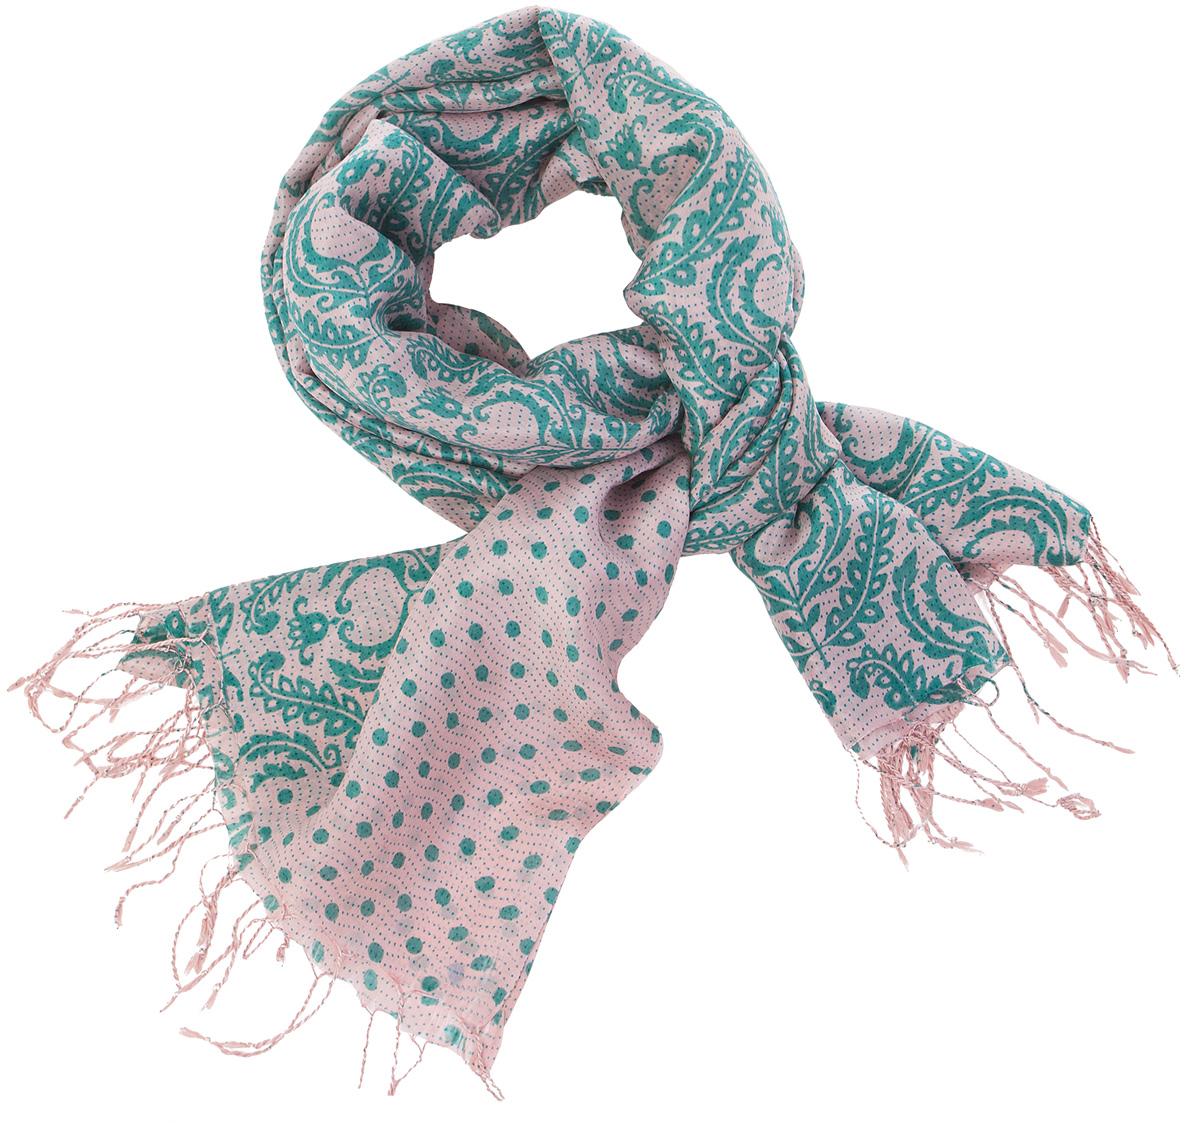 ПалантинS30-ROMAN/SILVERНарочито рыхлое плетение Plain тончайшей шелковой нитью Mulberry, нежная полупрозрачная ткань Chiffon. Вес изделия 60г (30 г/м2).